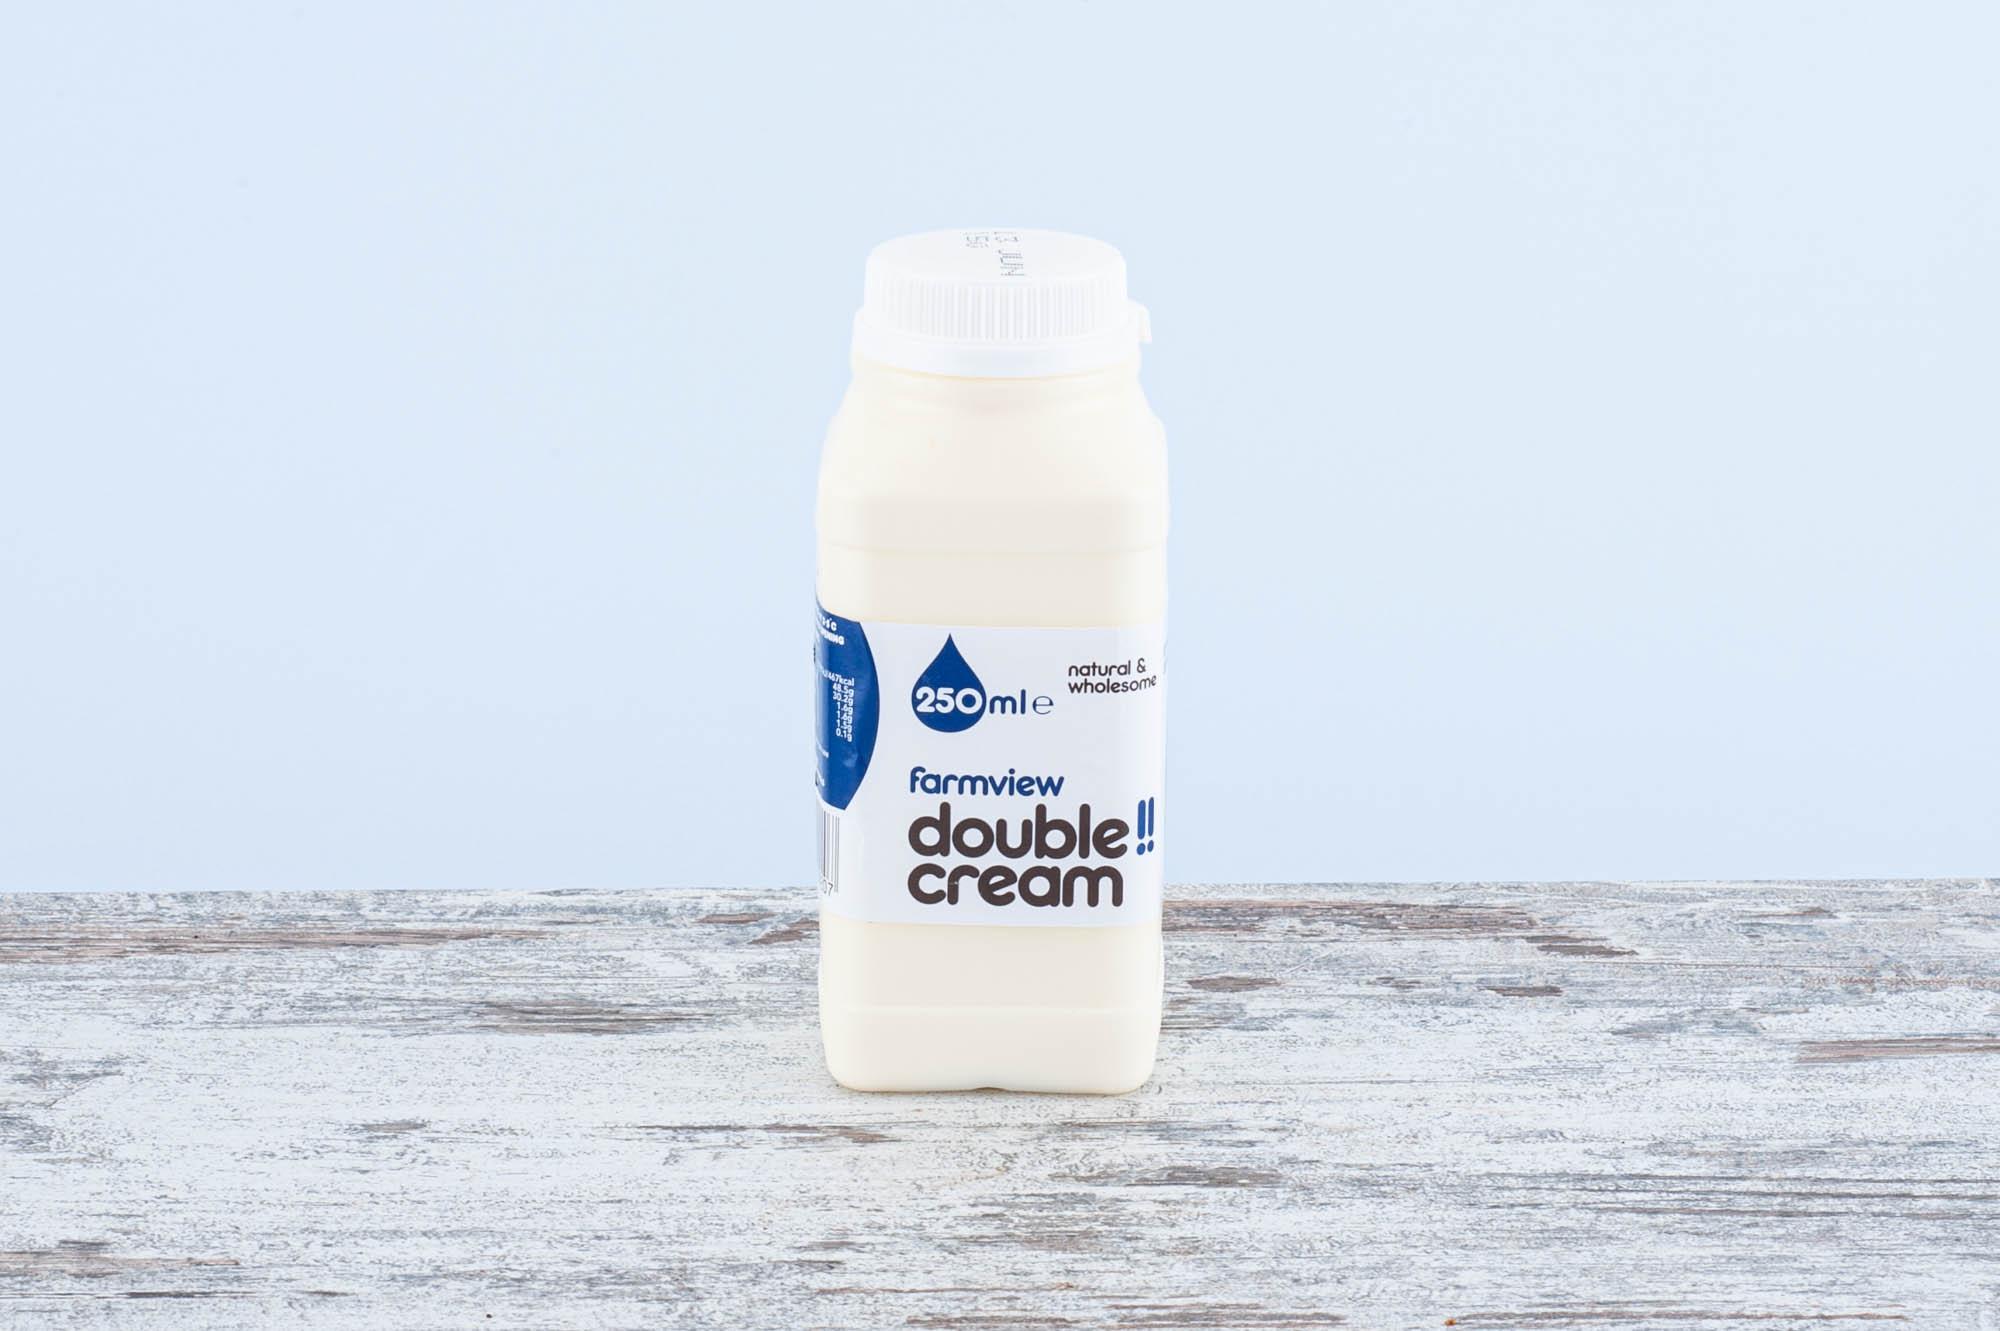 double cream dairy